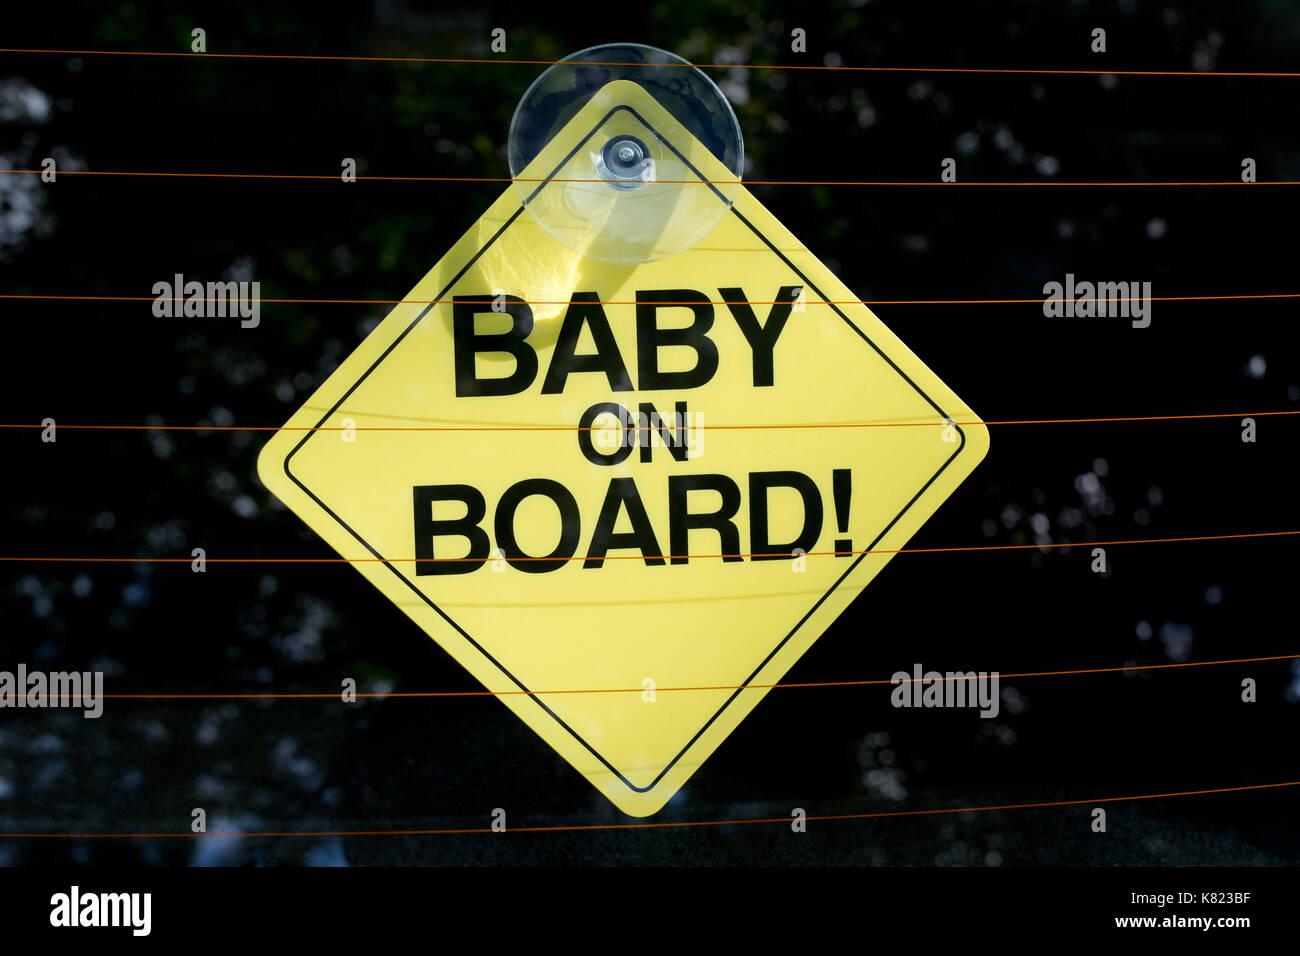 Un segno shot attraverso il finestrino posteriore di una vettura che indica che non esiste un bambino a bordo del veicolo. Immagini Stock